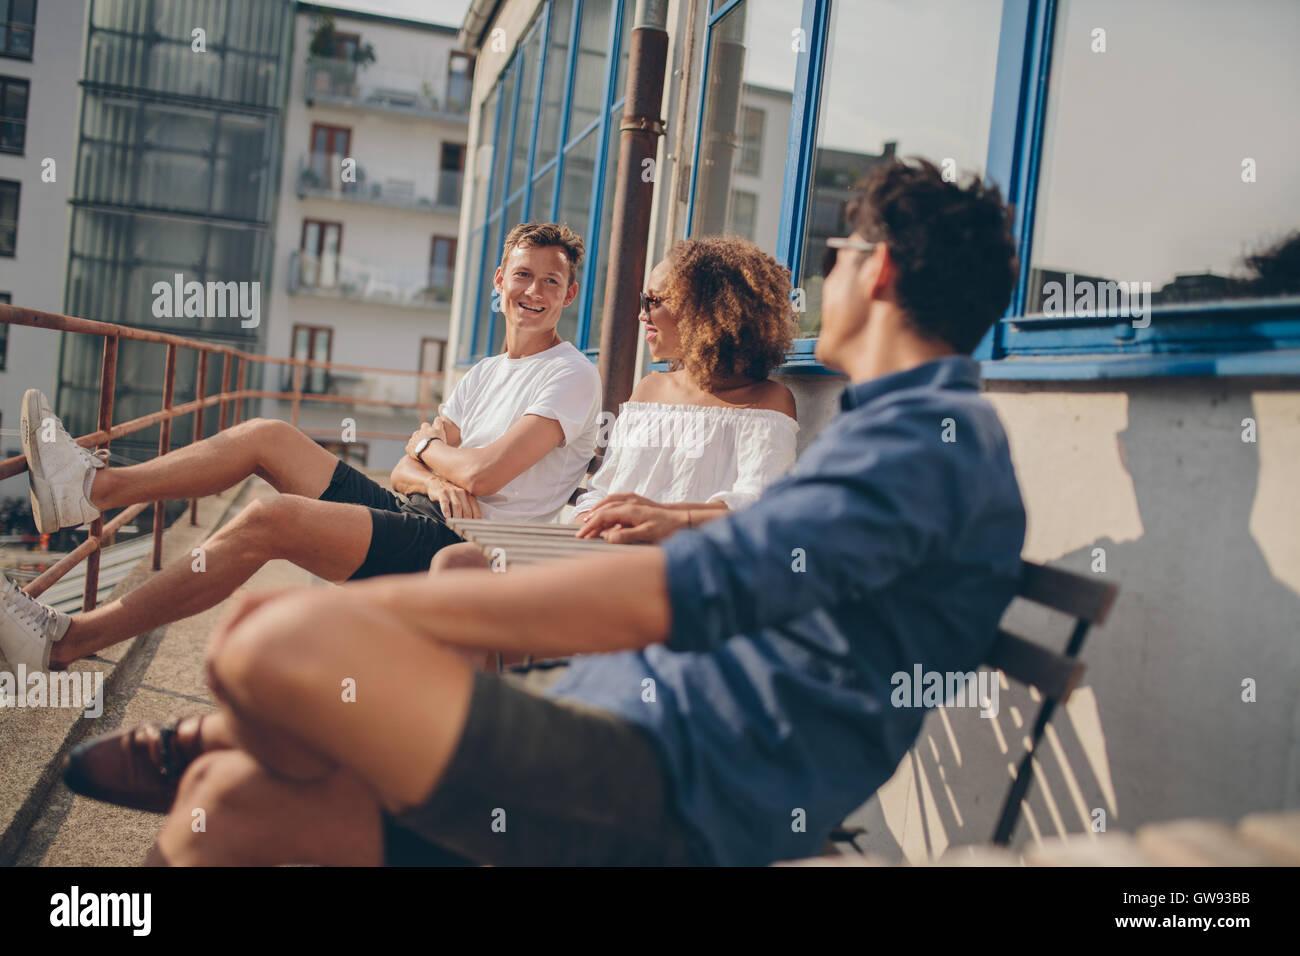 Drei jungen Freunde im Café im Freien. Gemischtrassigen Gruppe von jungen Leuten am Café-Tisch im Freien Stockbild